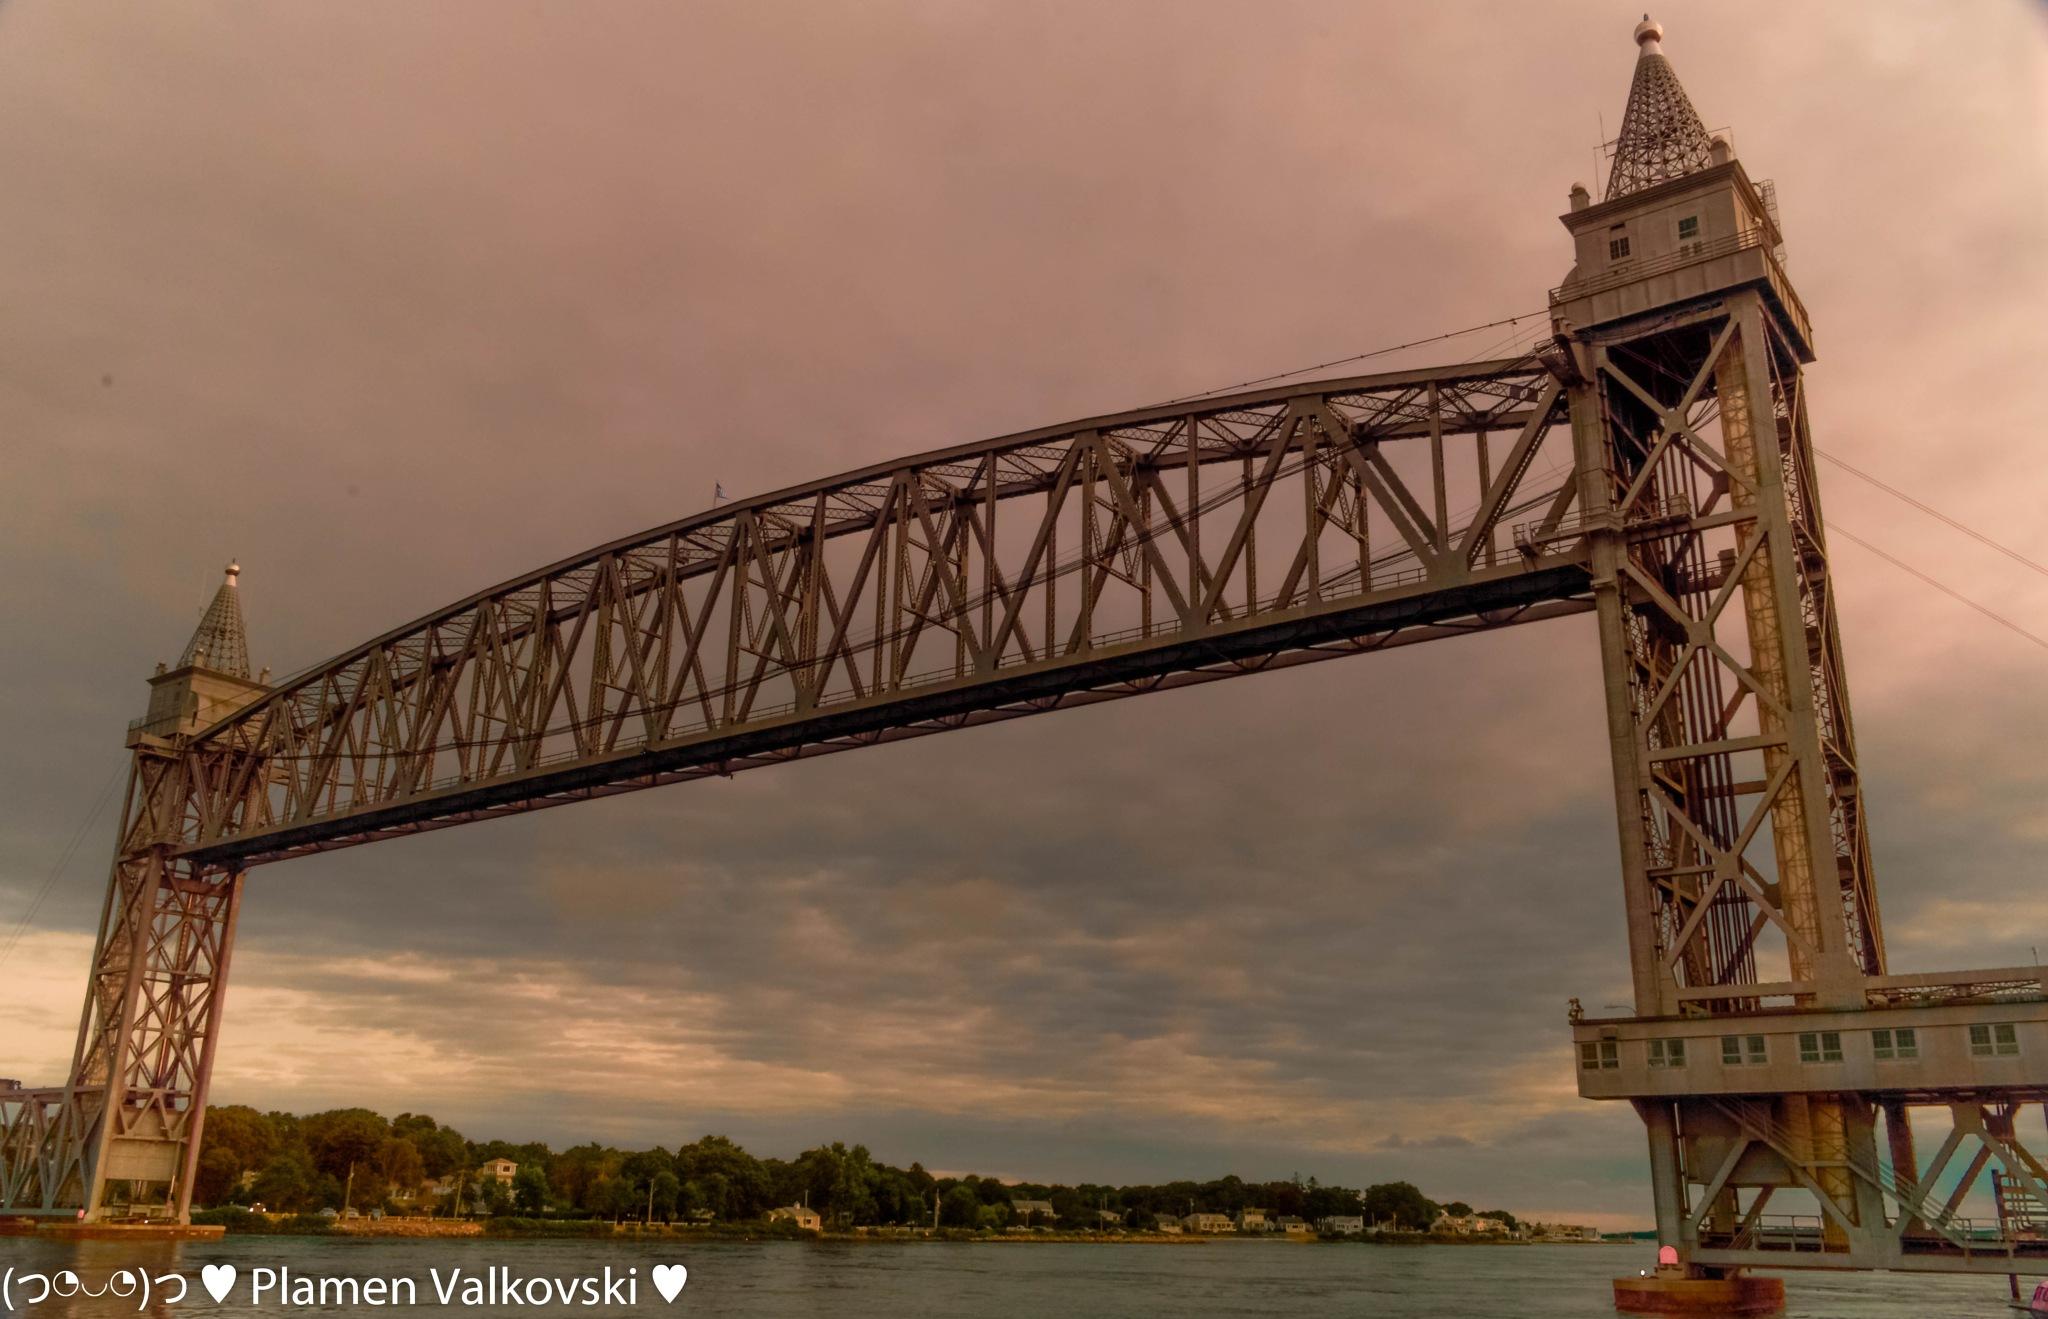 Cape Cod canal bridge by valkovskipv59